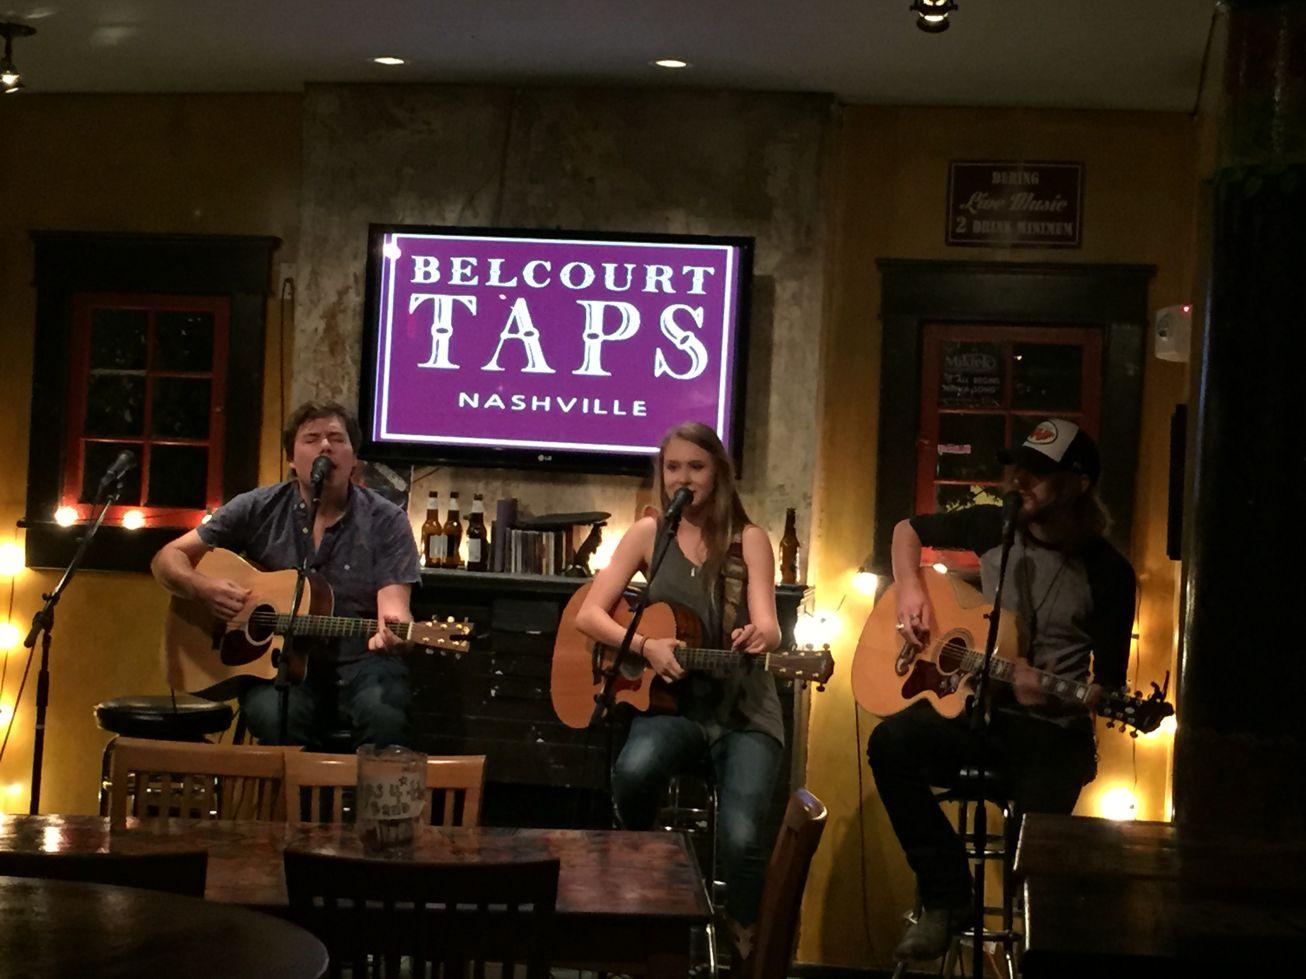 Belcourt_Taps_Nashville.jpg